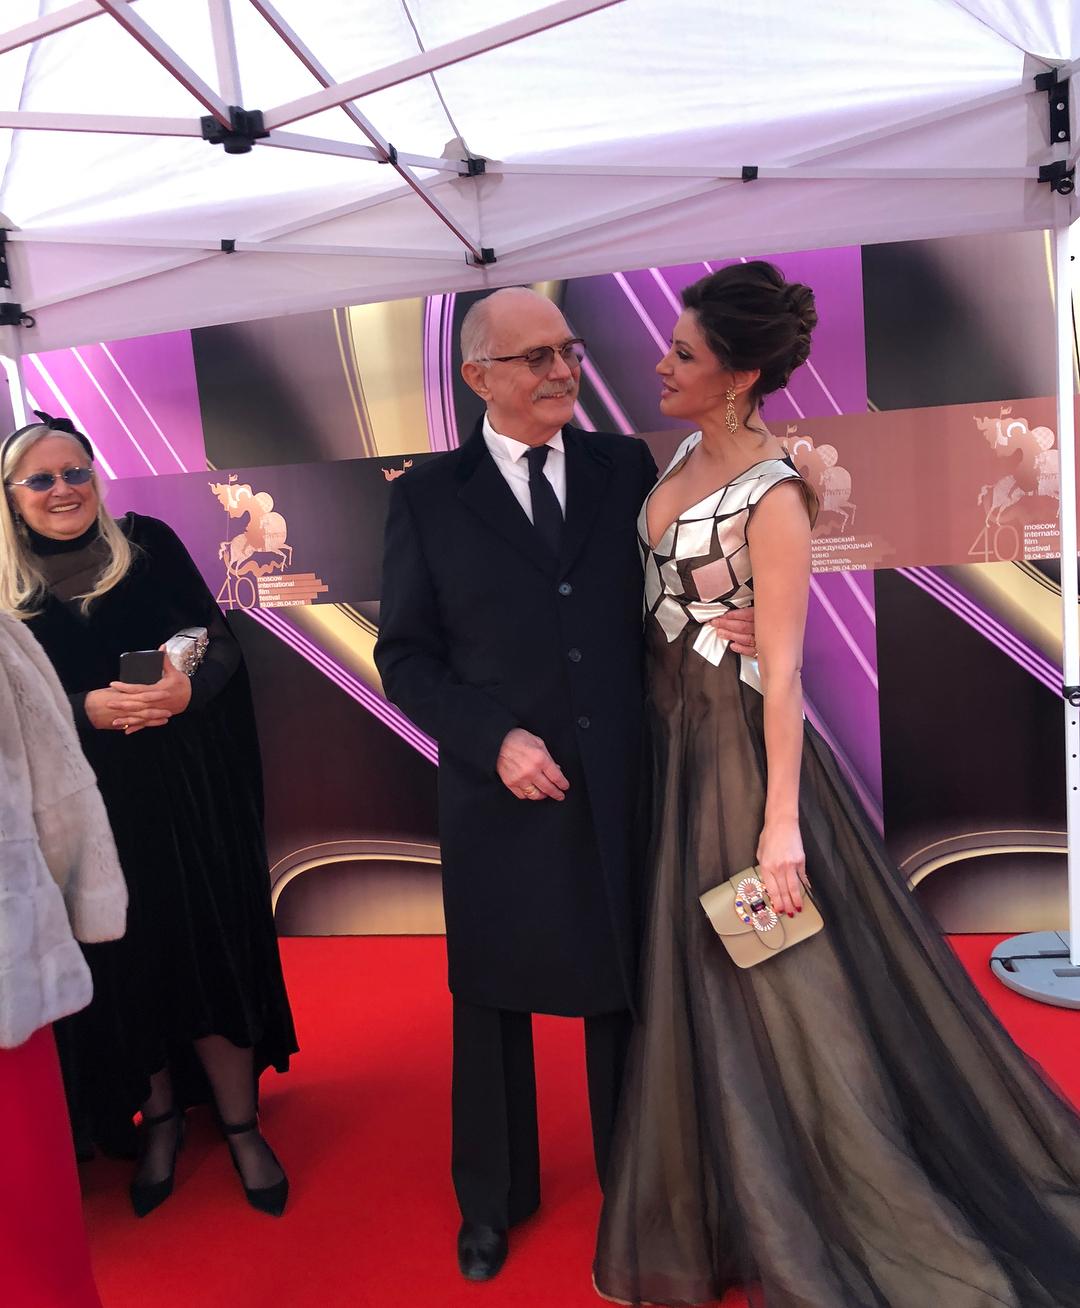 Михалков позабыл о супруге, заглядевшись на Анастасию Макееву в абсолютно прозрачном платье